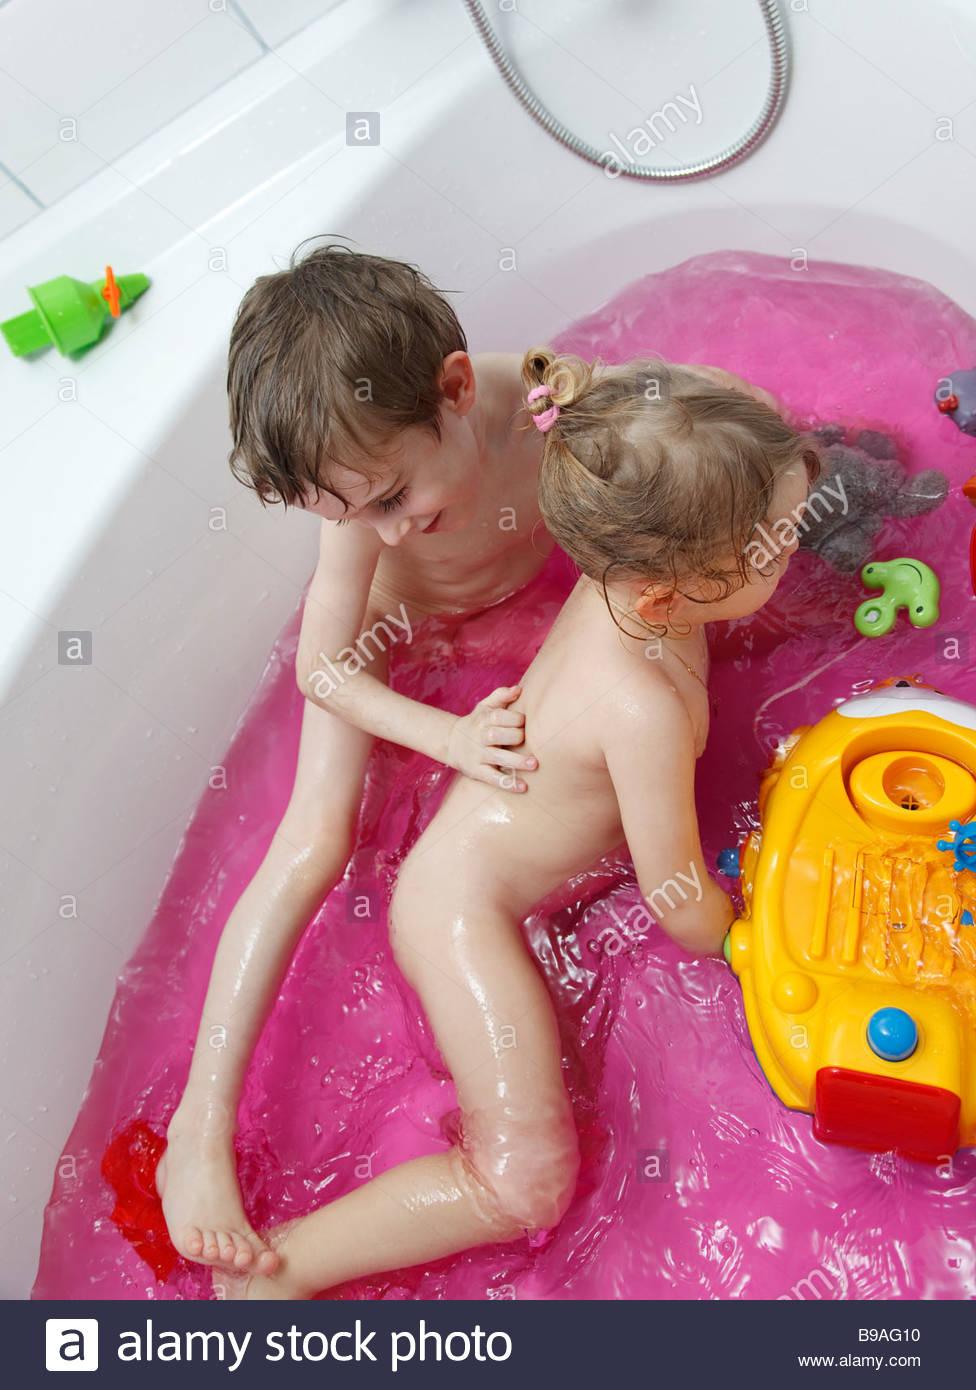 from Nasir naked girls boys bathtub story porn